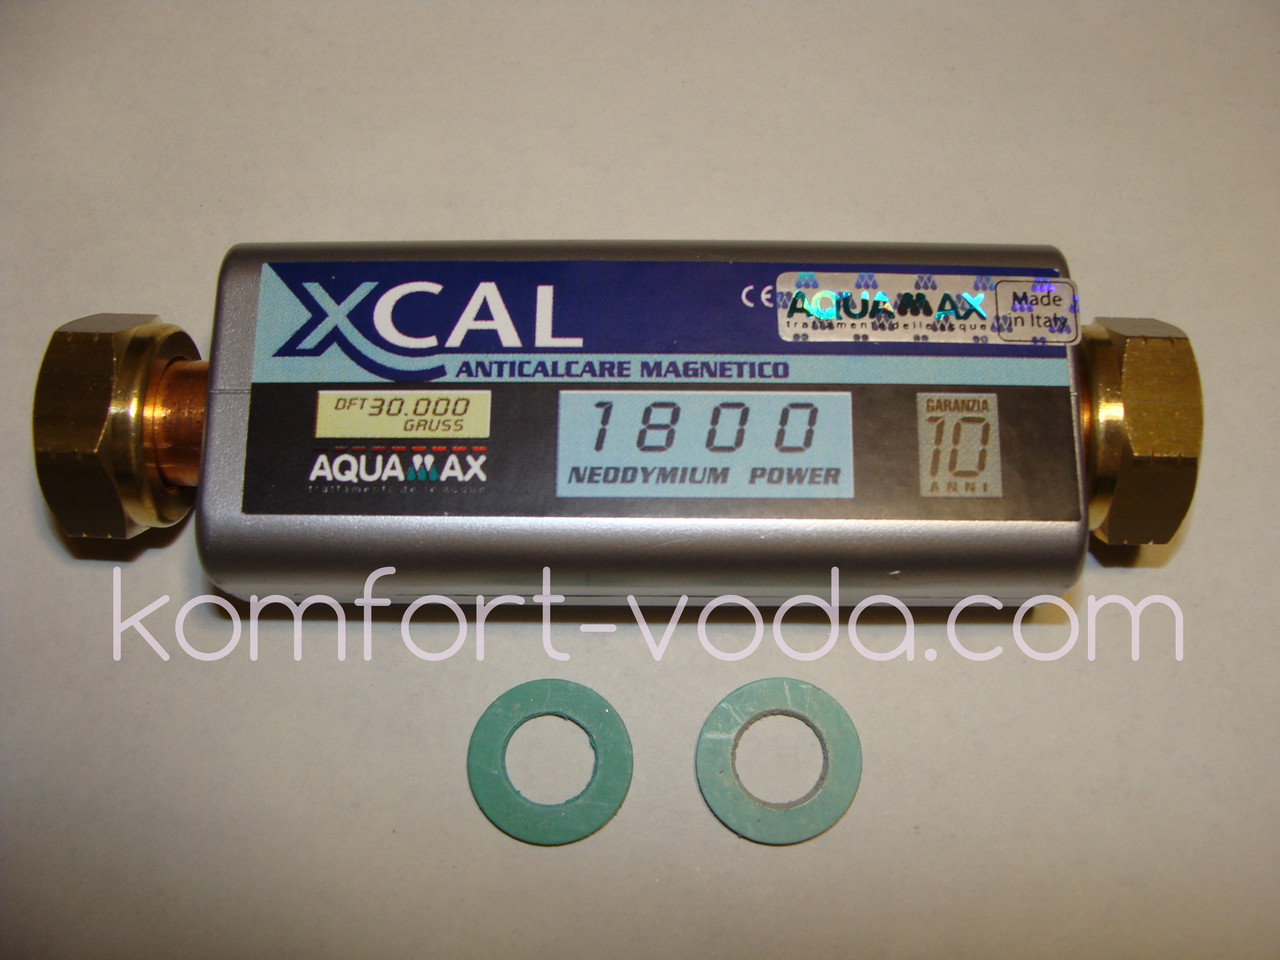 """Магнитный смягчитель воды XCAL 1800 30.000 Gauss, 1800 л/час, 1/2"""""""